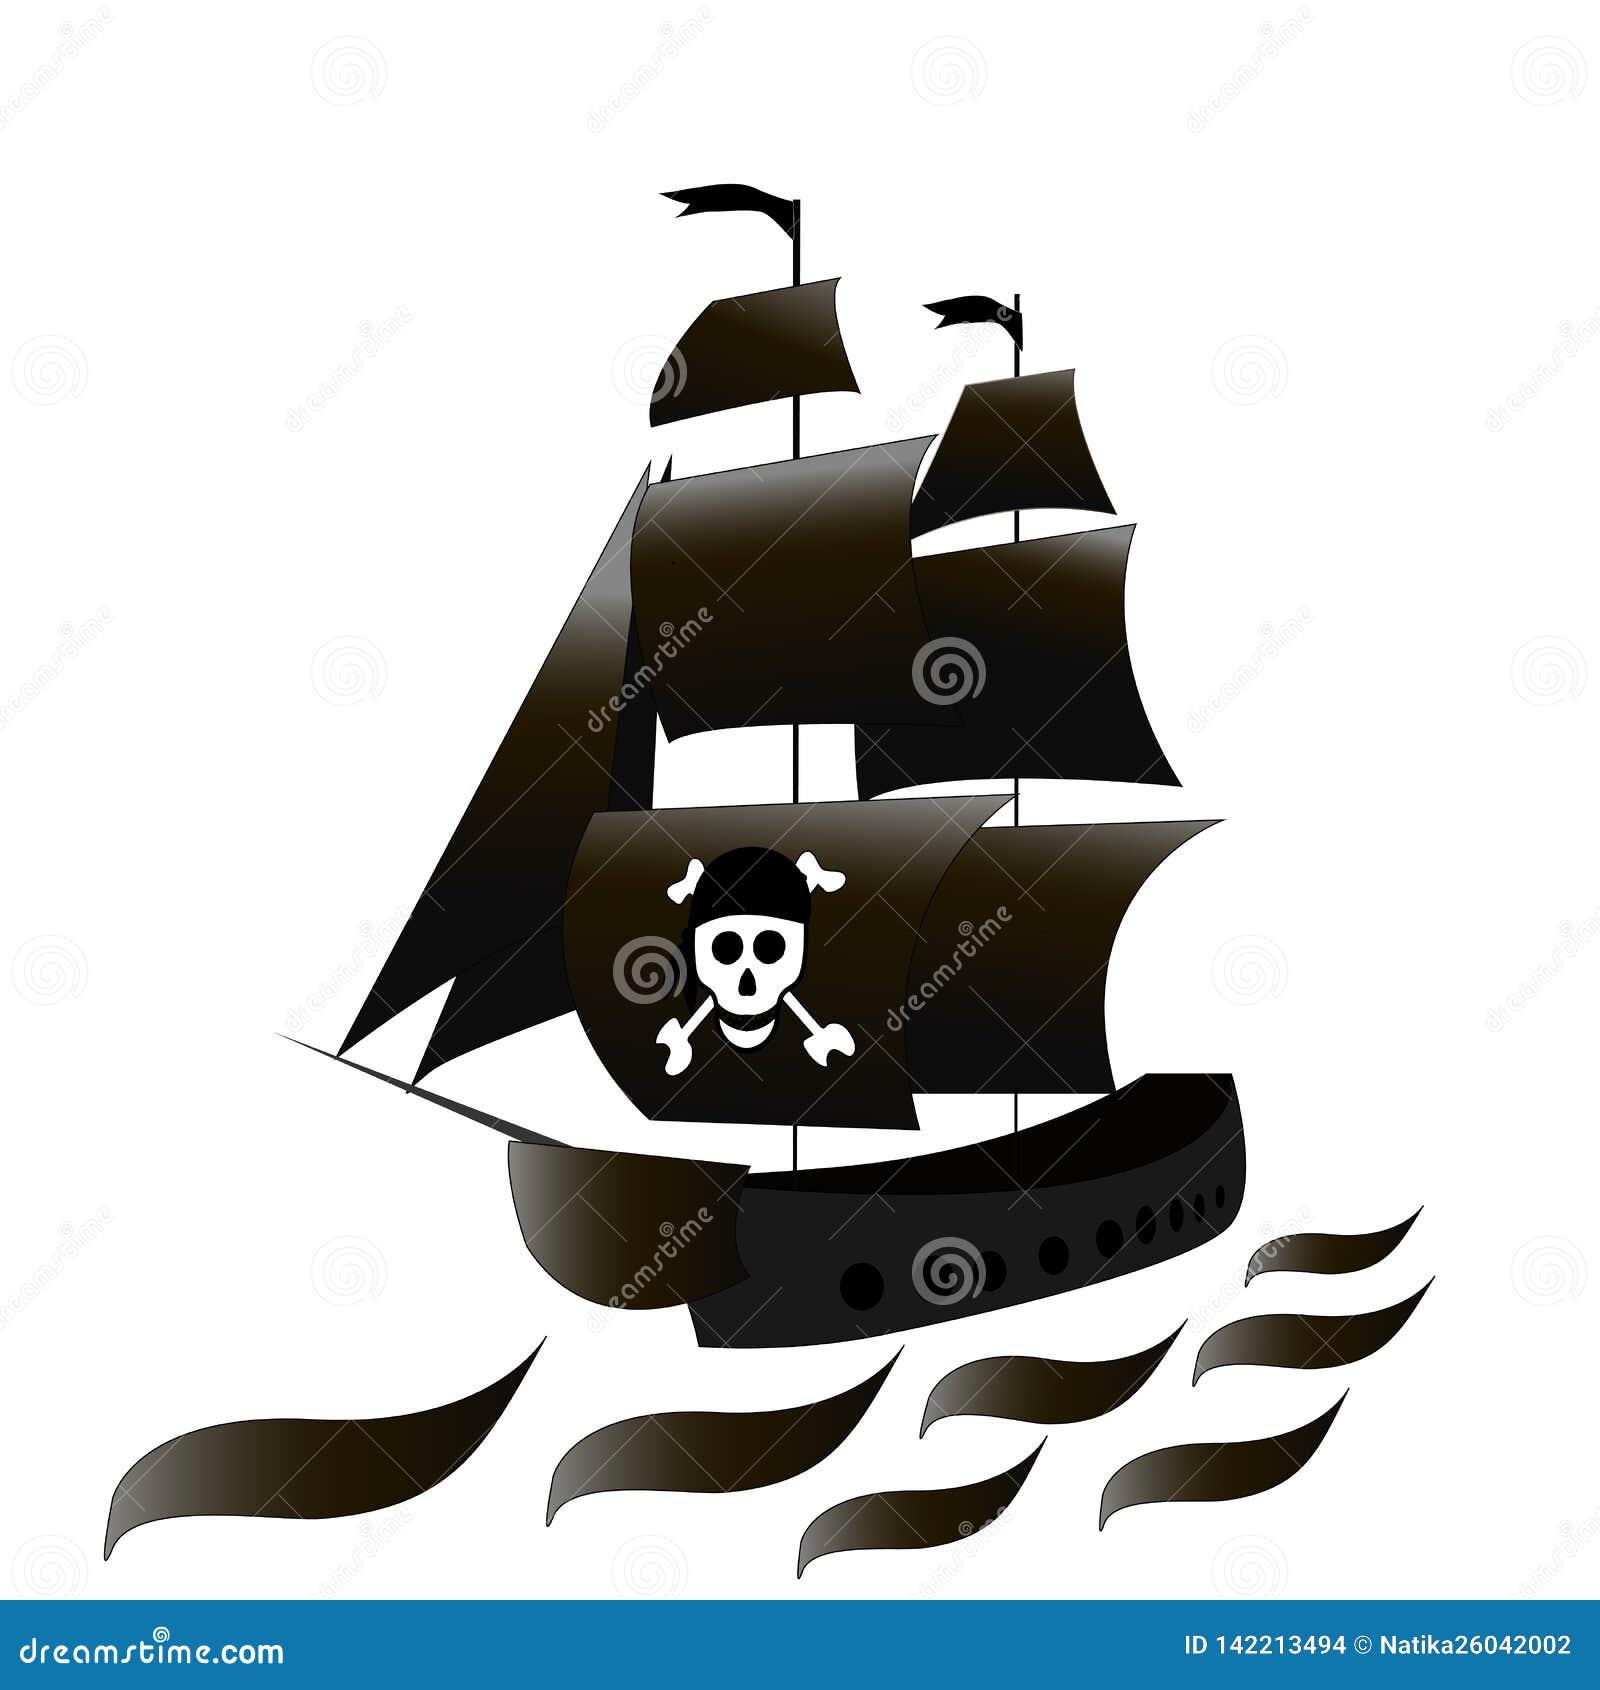 Le Bateau Est Une Fregate Avec Des Voiles Noires Et Un Crane